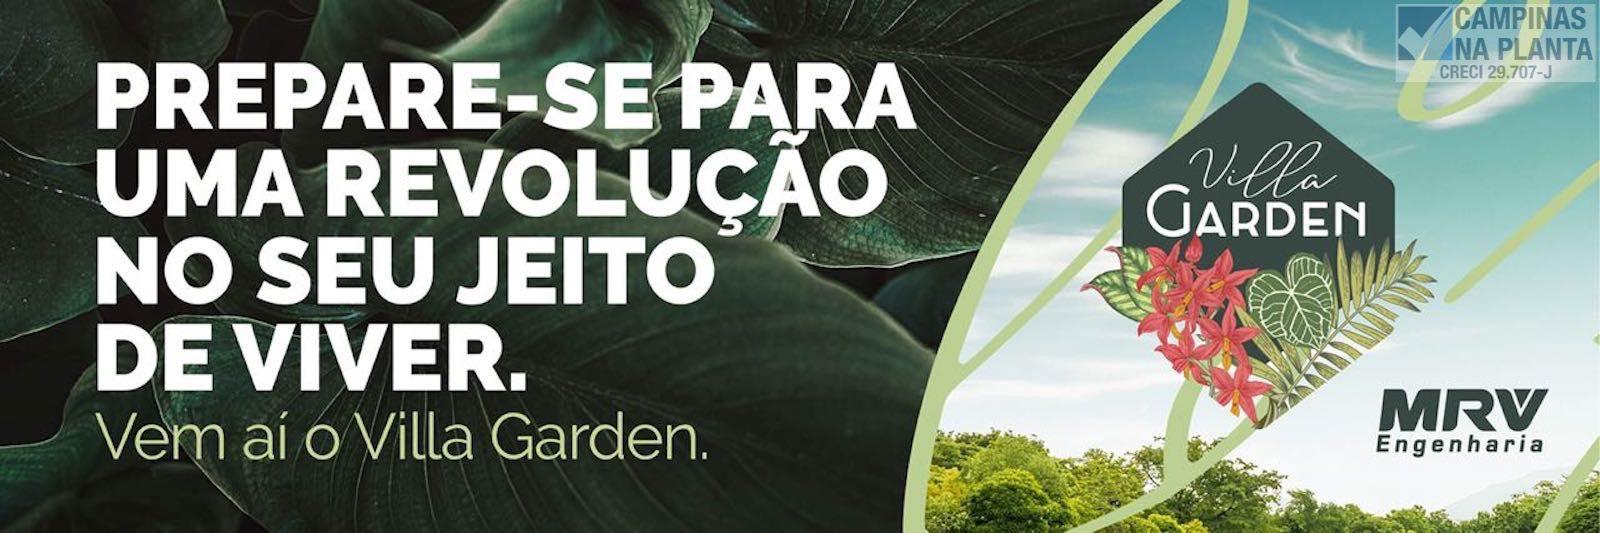 Villa Garden Campinas Mrv Banner